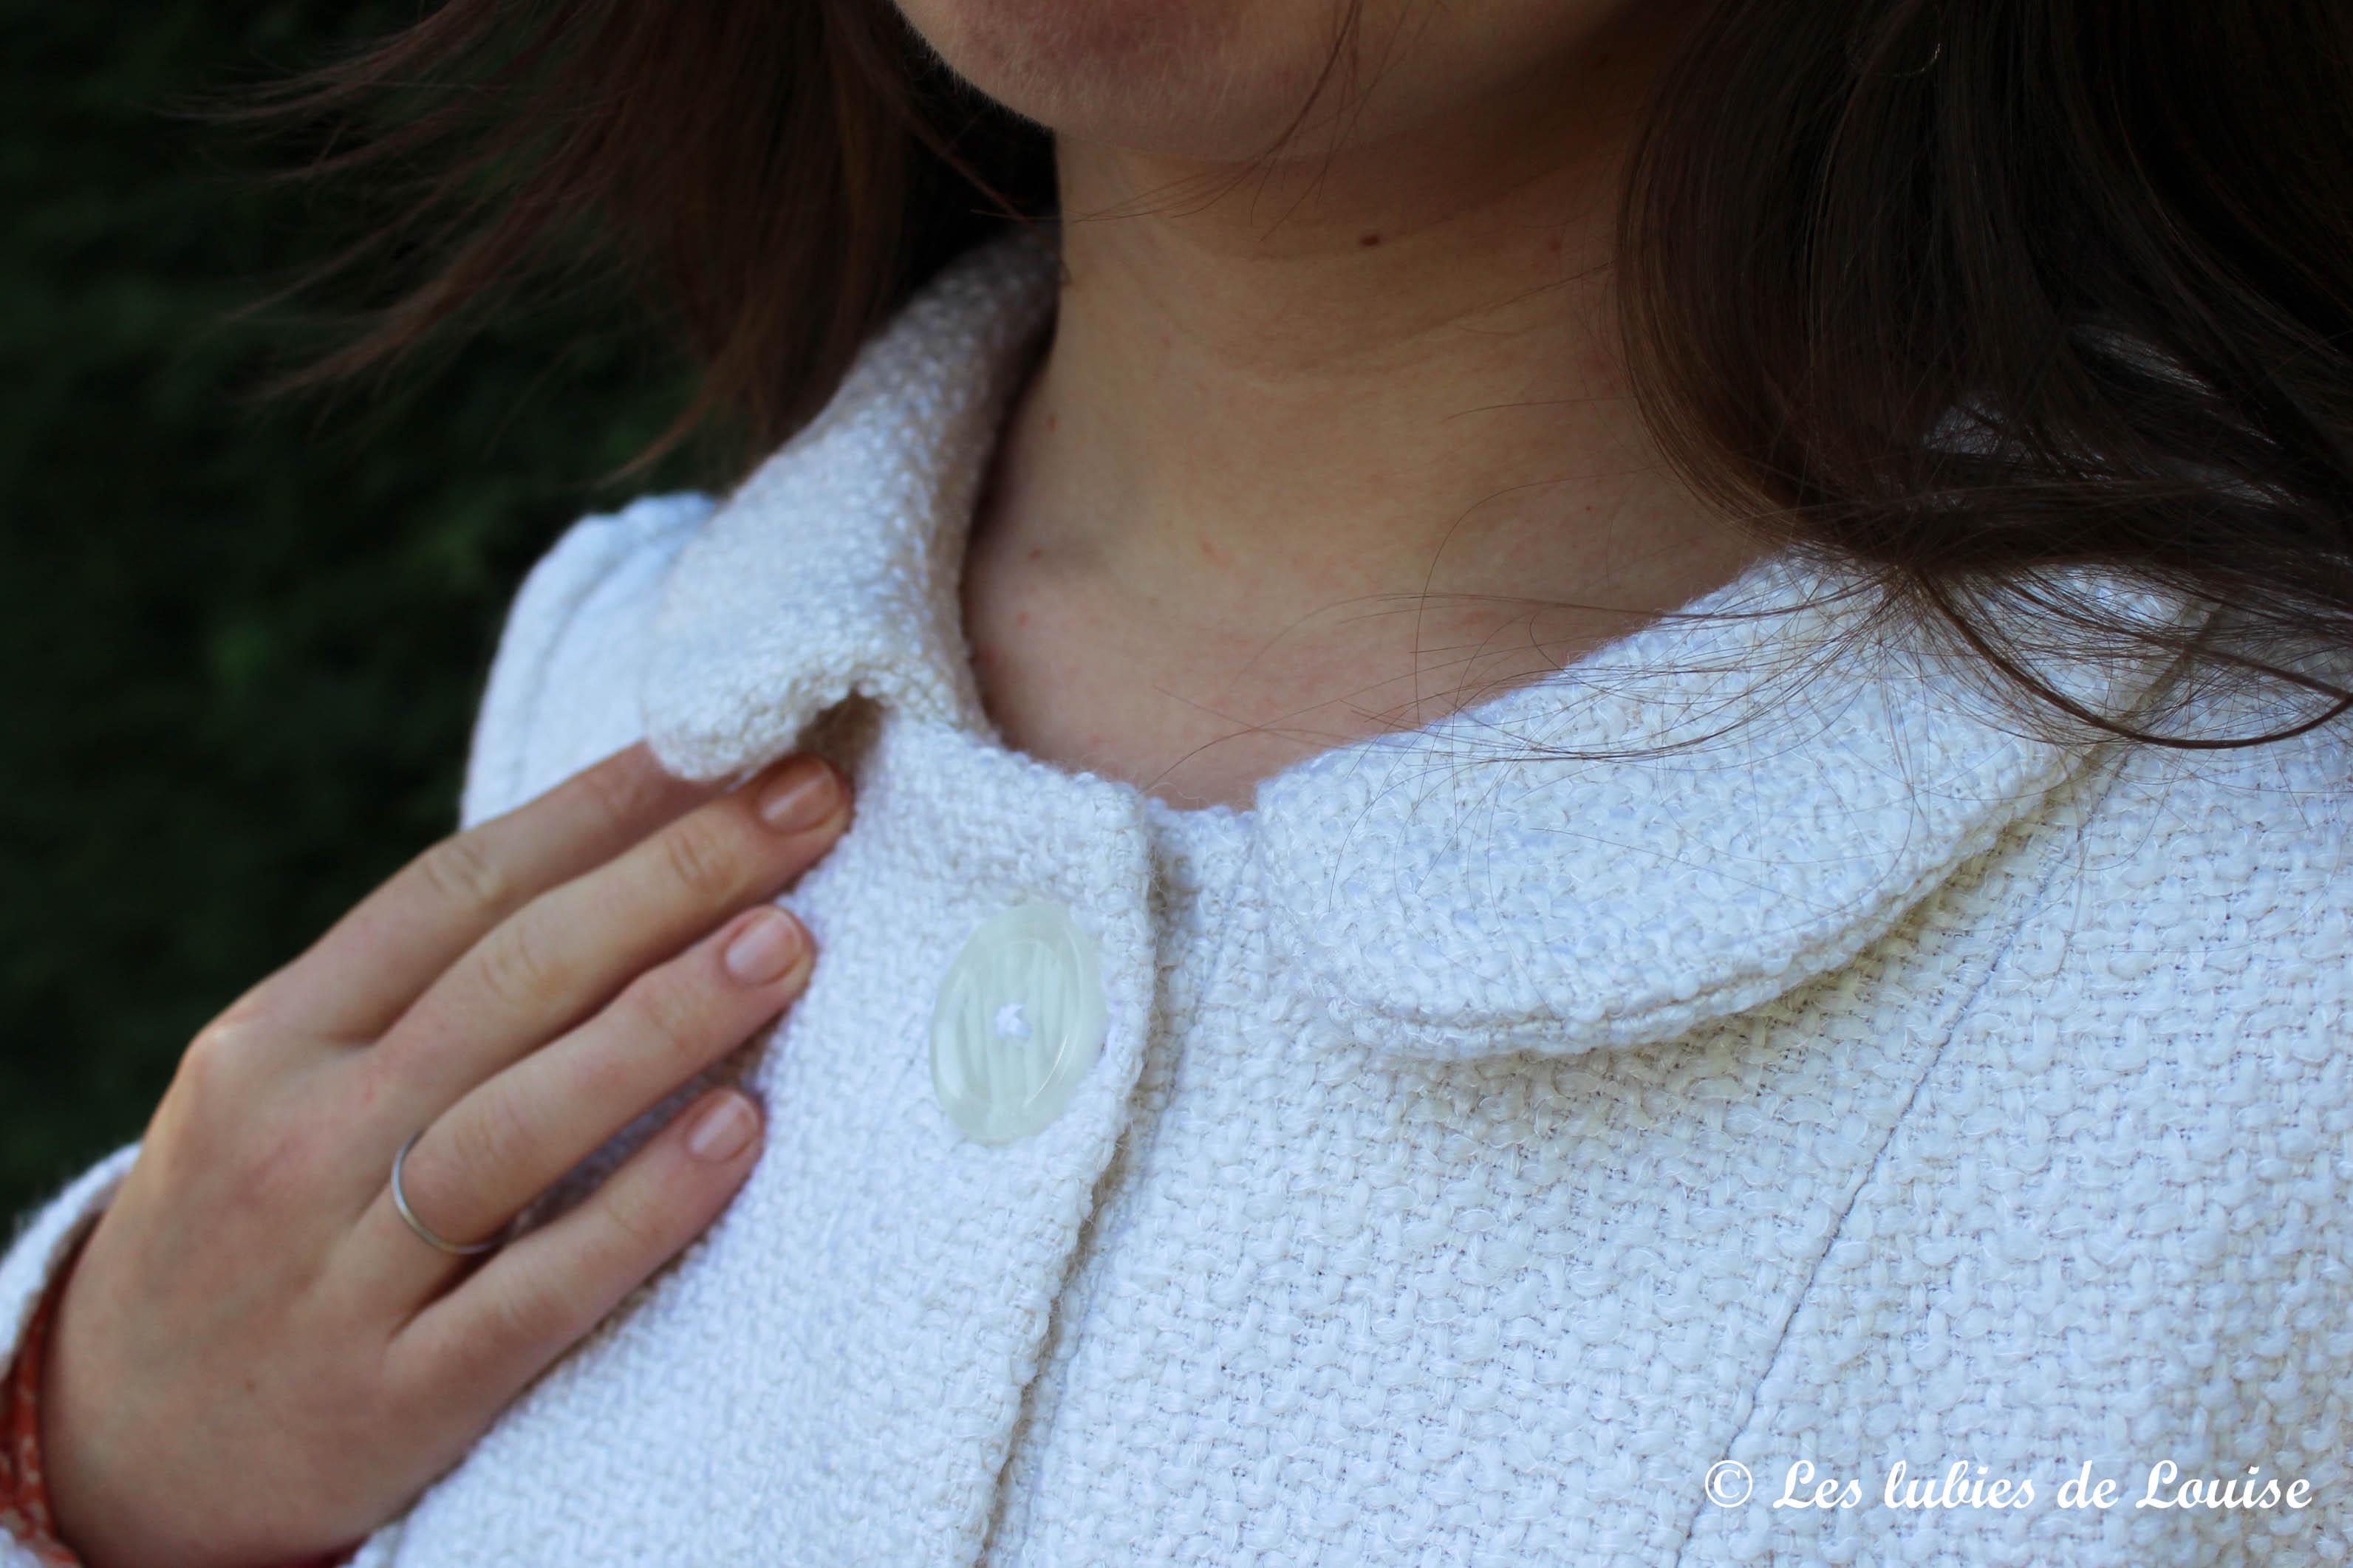 2013-10-21- Veste pavot crème - les lubies de louise (3 sur 15)